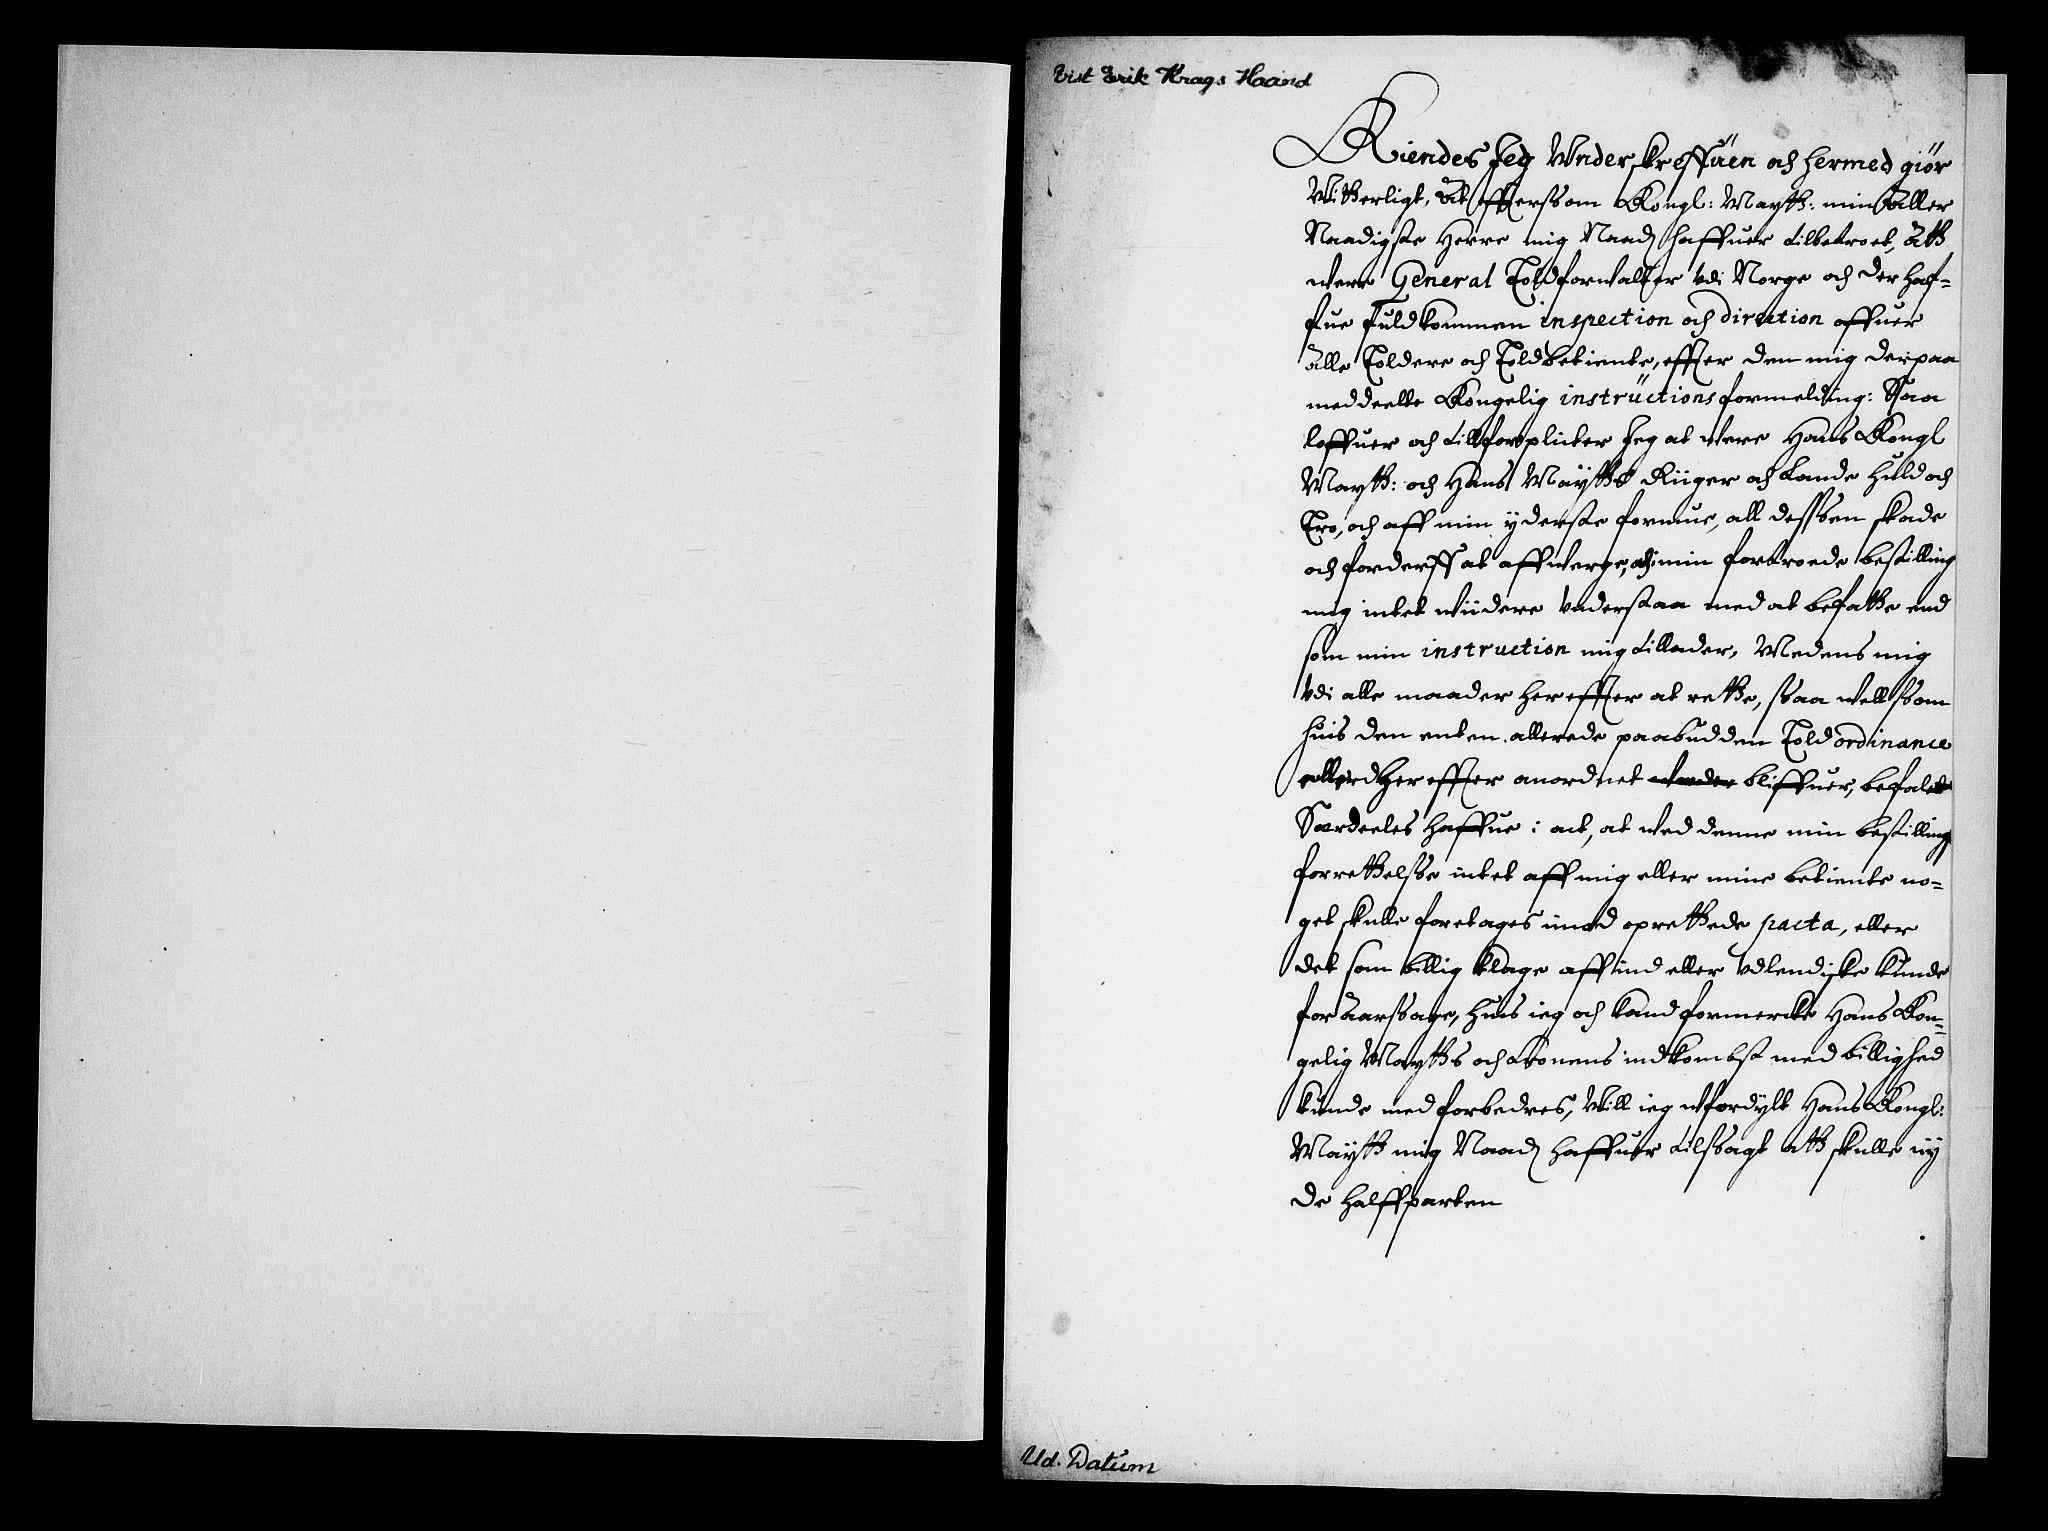 RA, Danske Kanselli, Skapsaker, G/L0019: Tillegg til skapsakene, 1616-1753, s. 152